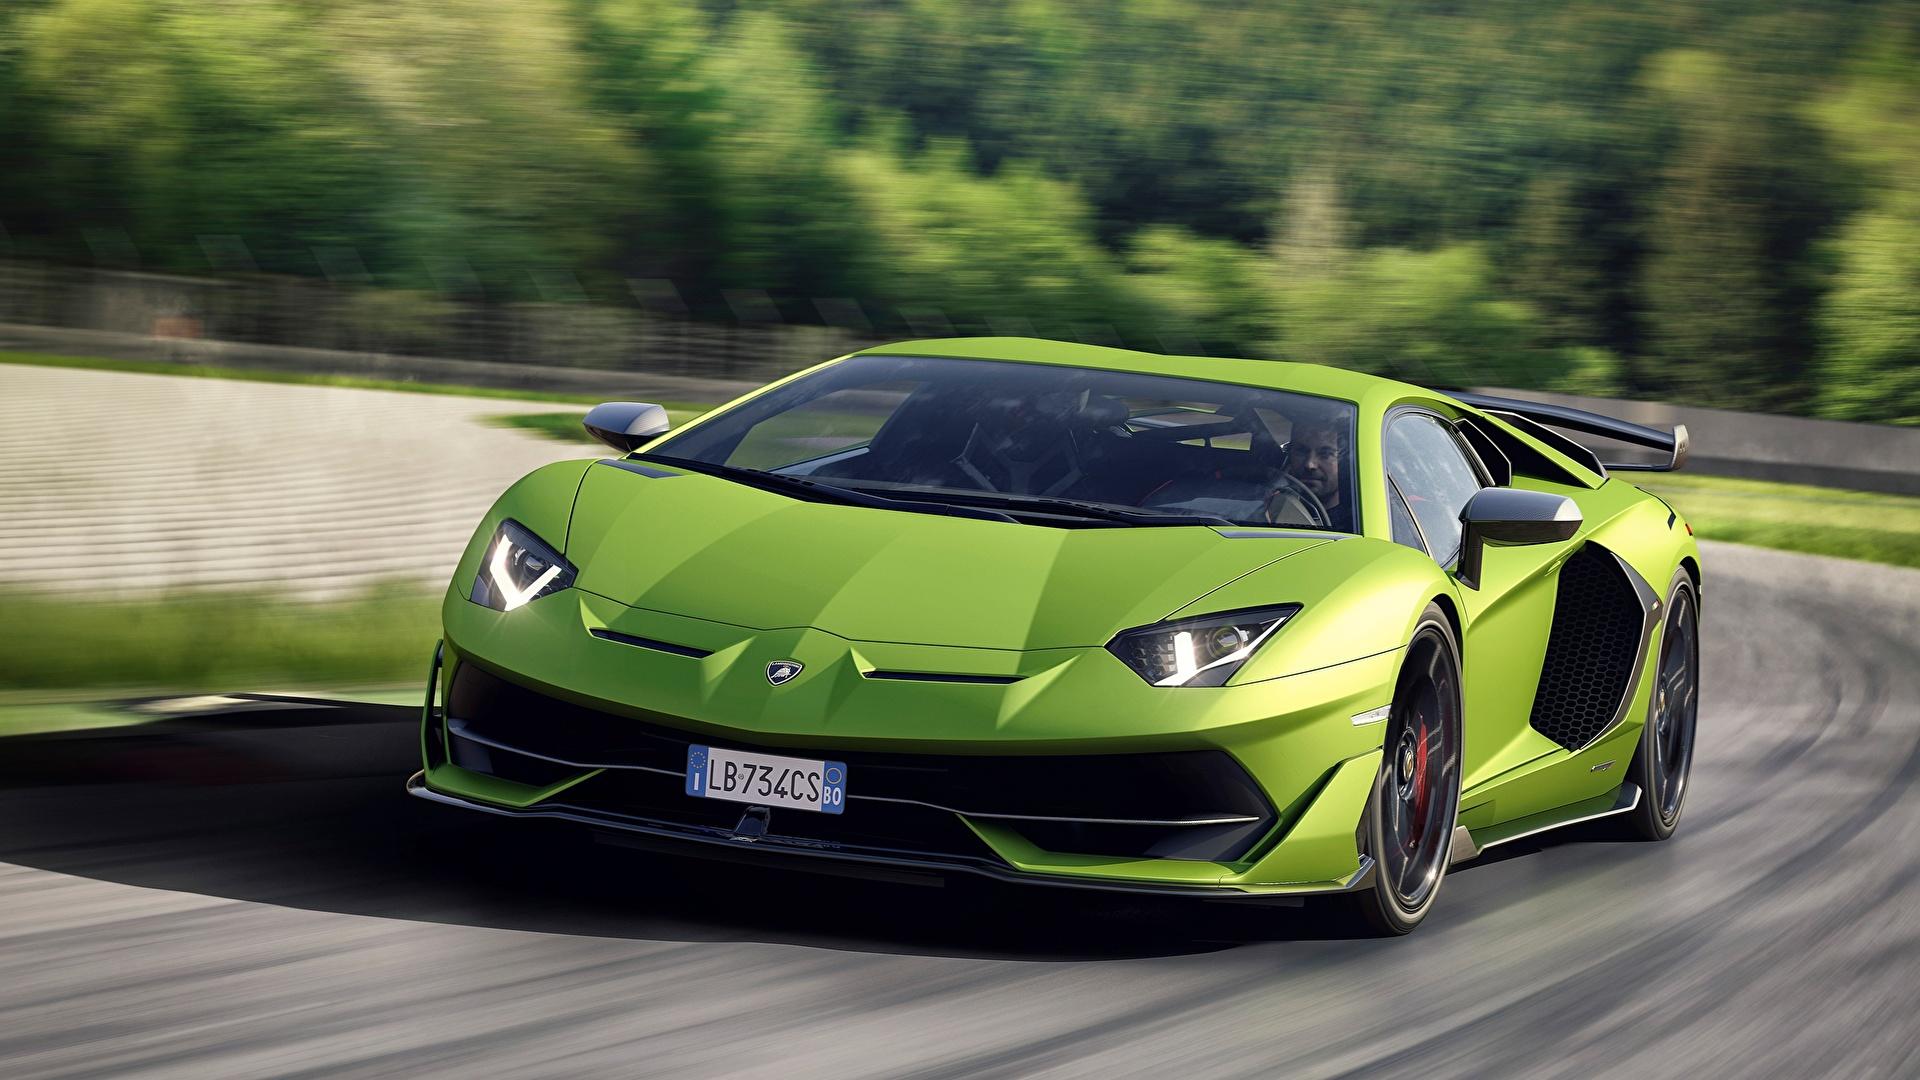 Фотография Lamborghini Размытый фон зеленые Движение Спереди Автомобили 1920x1080 Ламборгини боке зеленая Зеленый зеленых едет едущий едущая скорость авто машины машина автомобиль